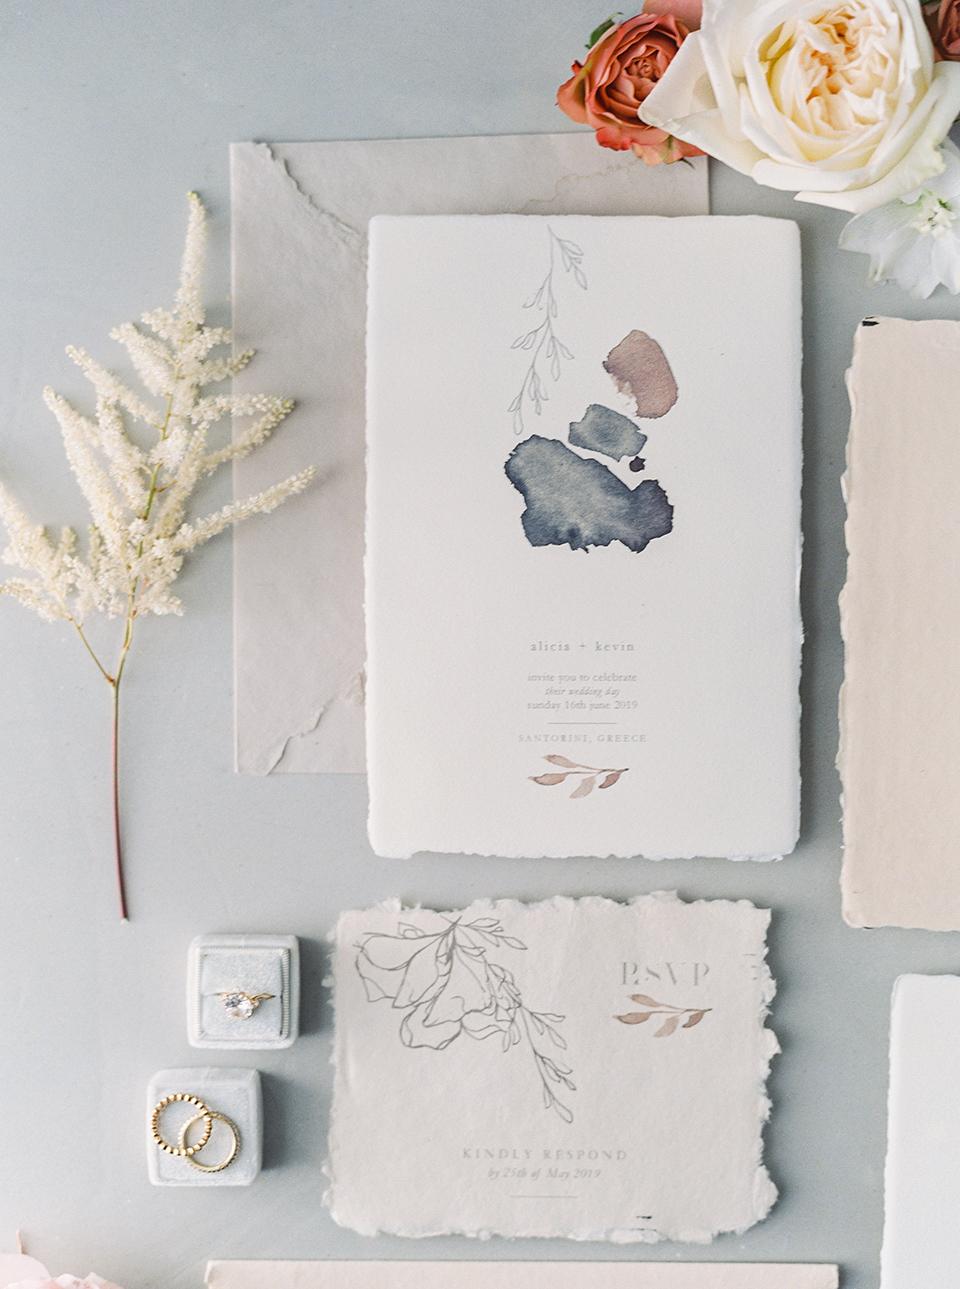 Προσκλήσεις γάμου σε χειροποίητο χαρτί